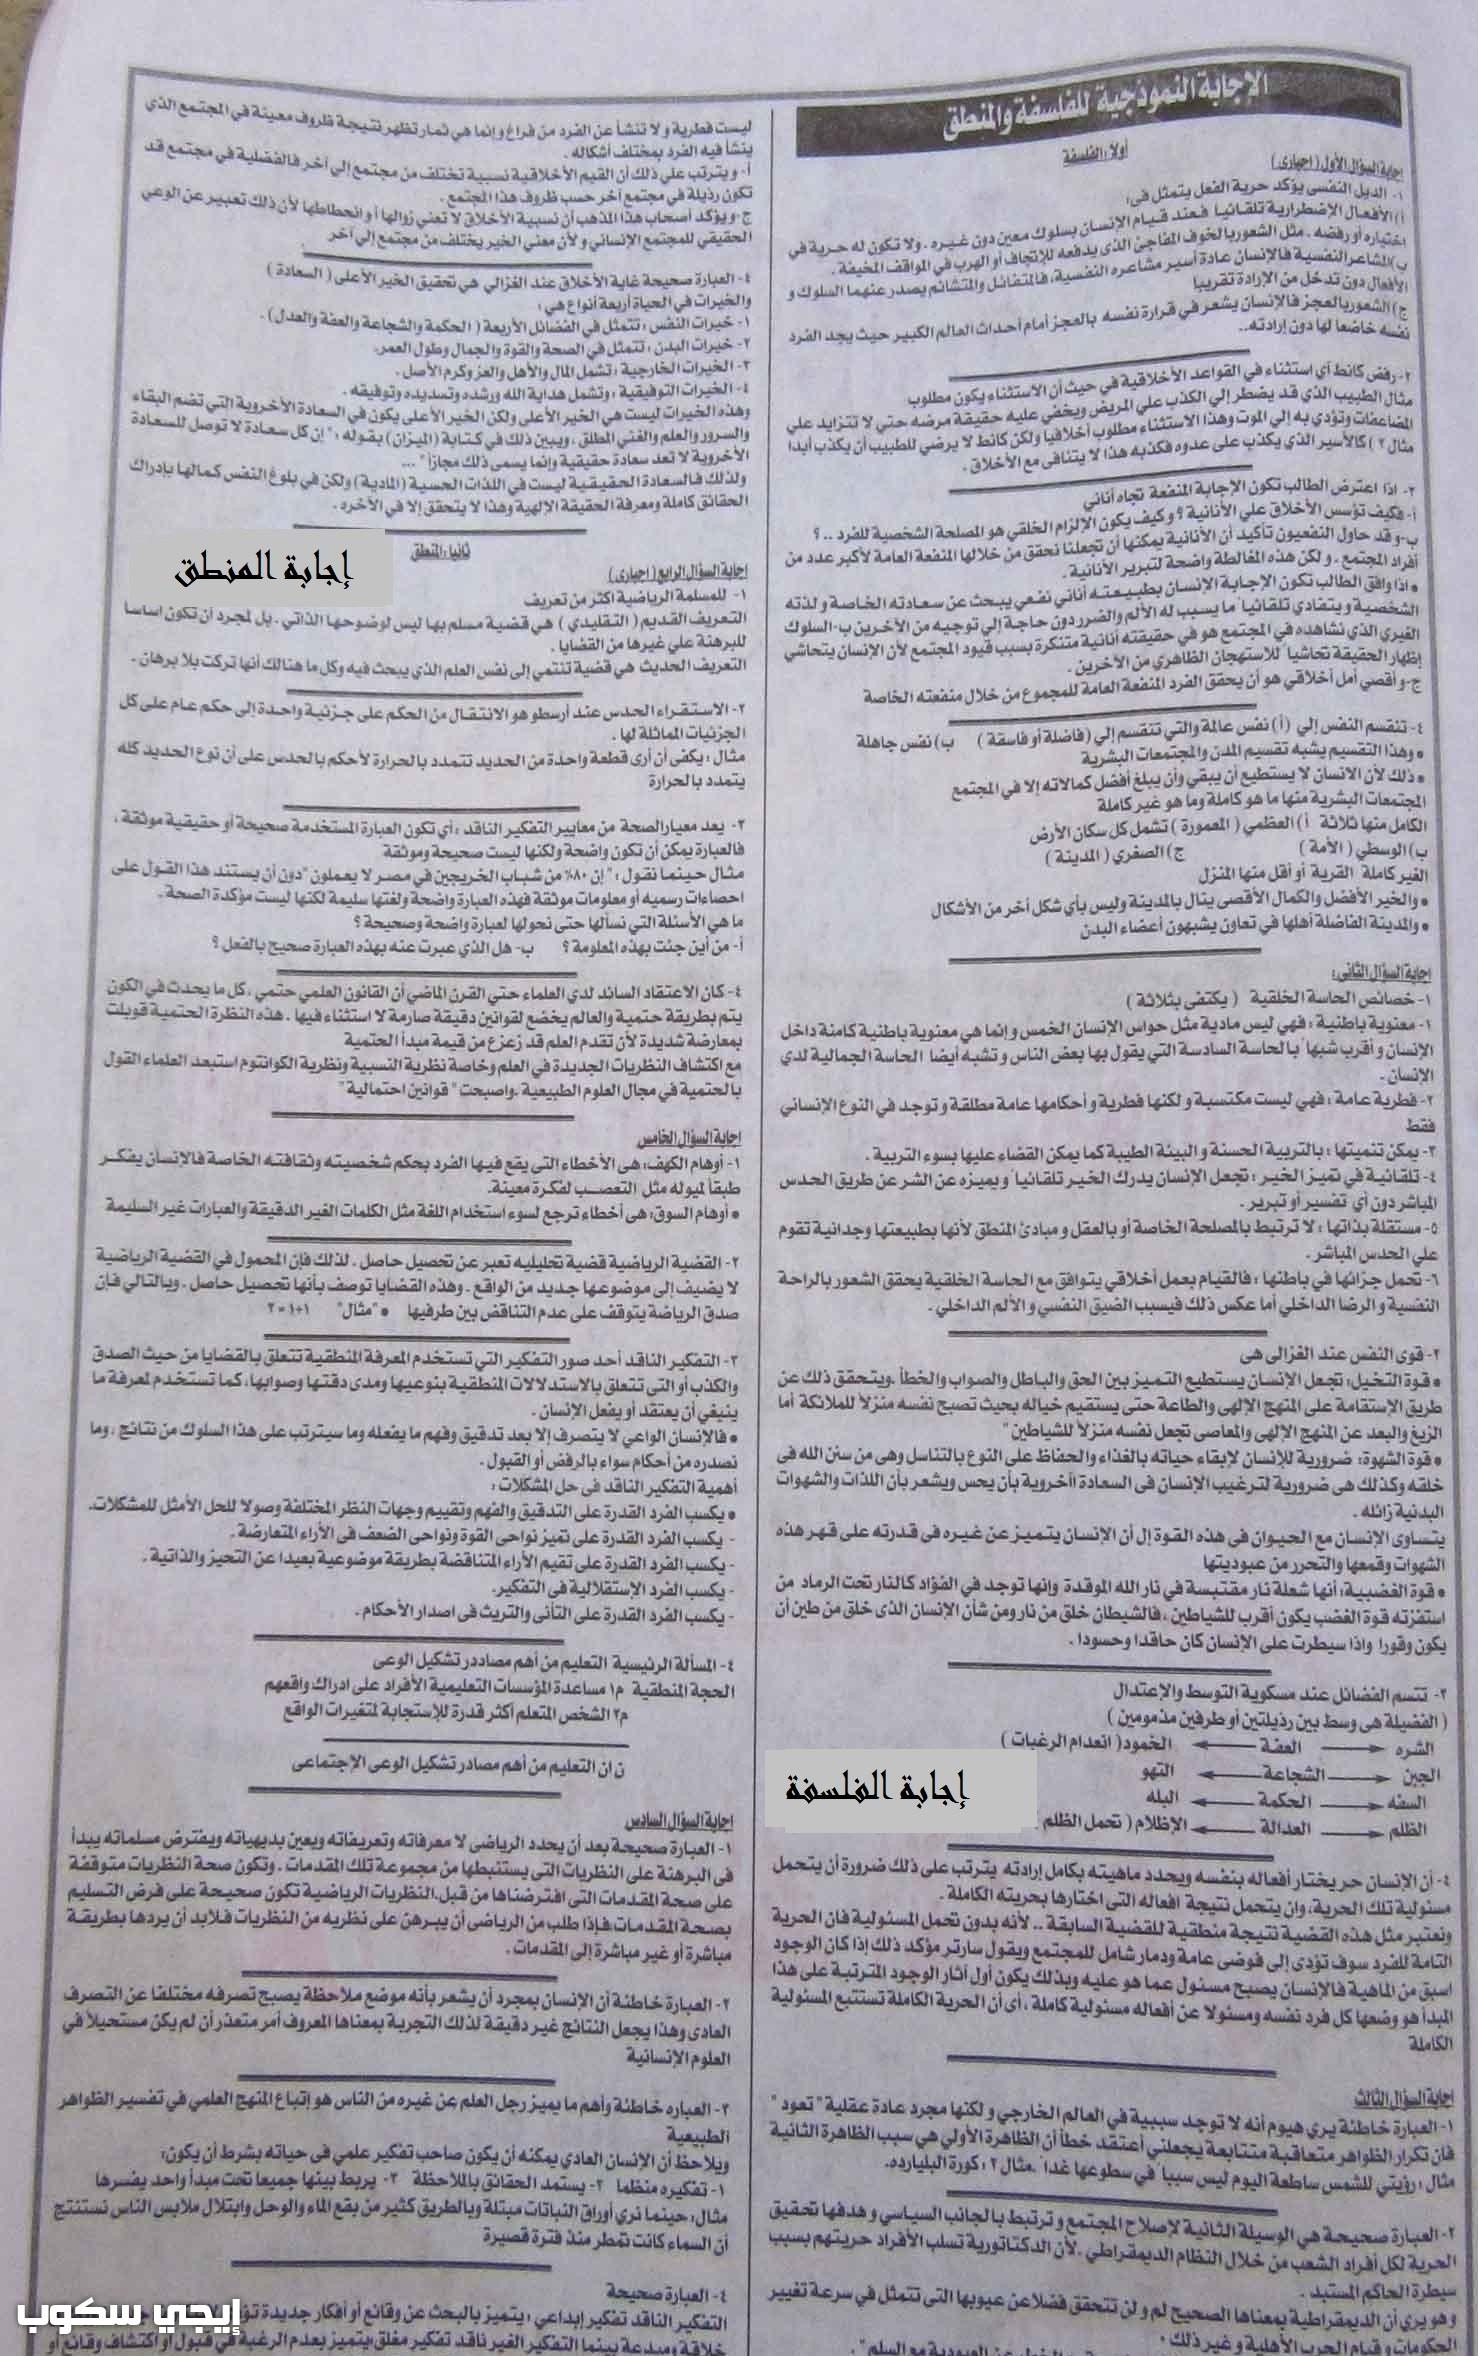 نماذج امتحانات السودان 2017 للثانوية